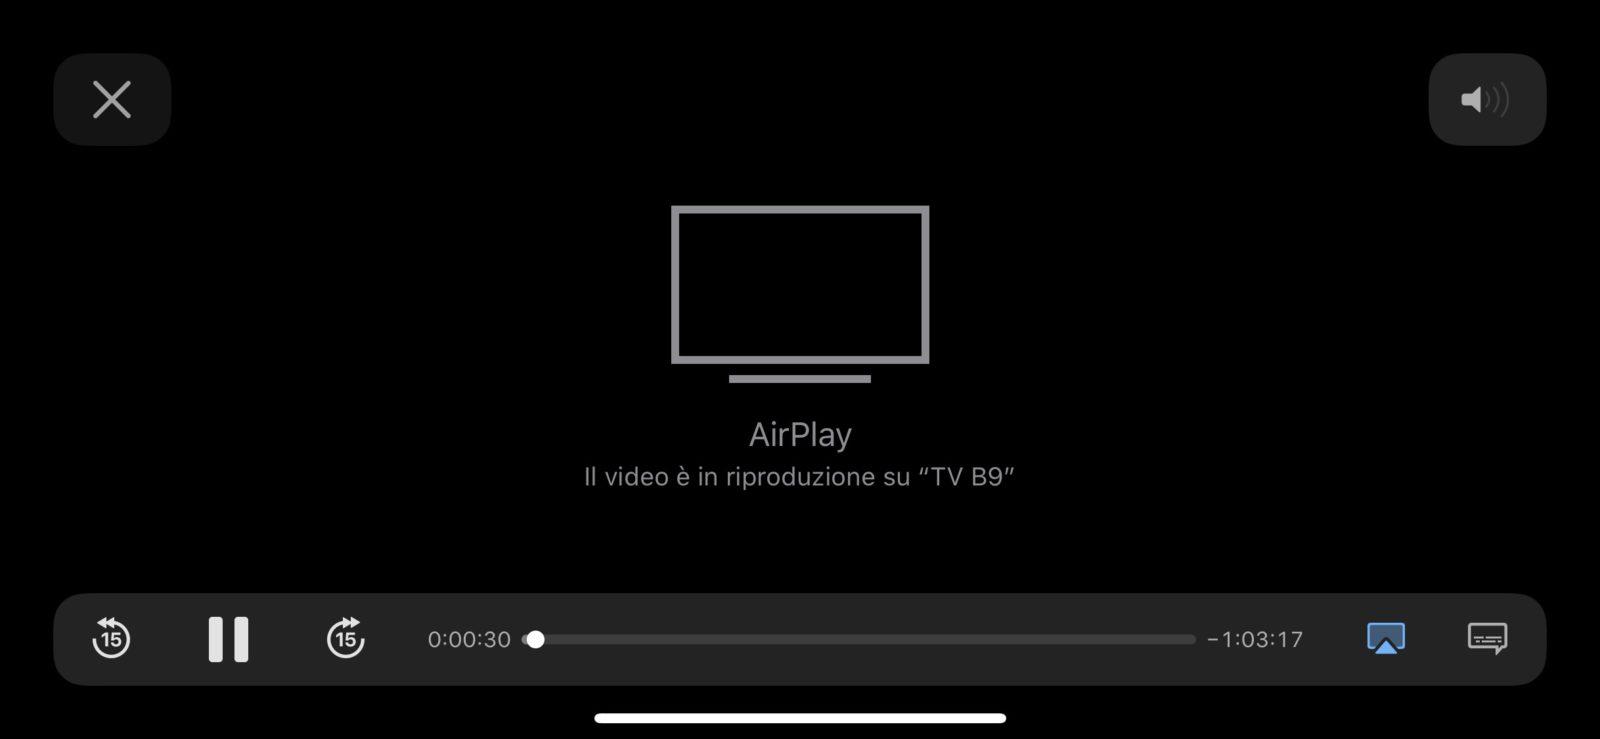 I nuovi TV LG non hanno Apple TV+? Basta Airplay per vedere gli show originali Apple